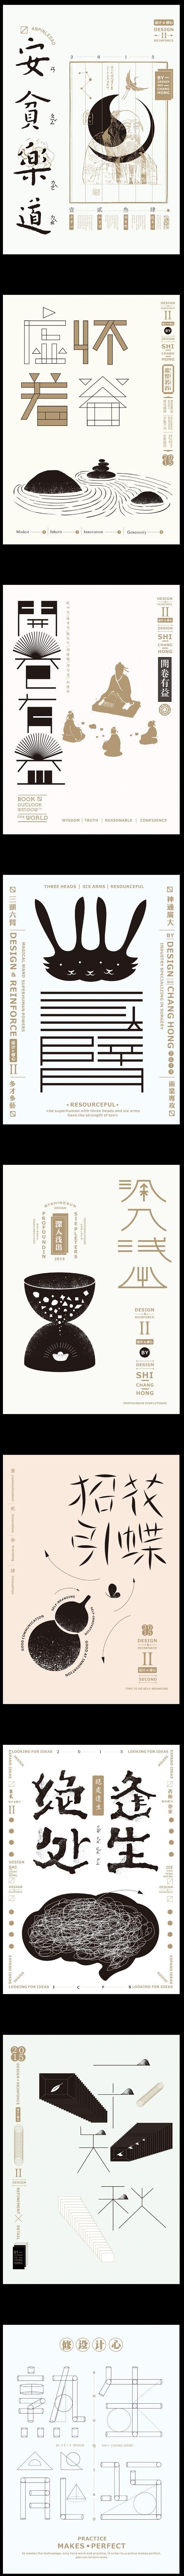 Shi Changhong design and repair heart font zigzag plane Shi Chang ...